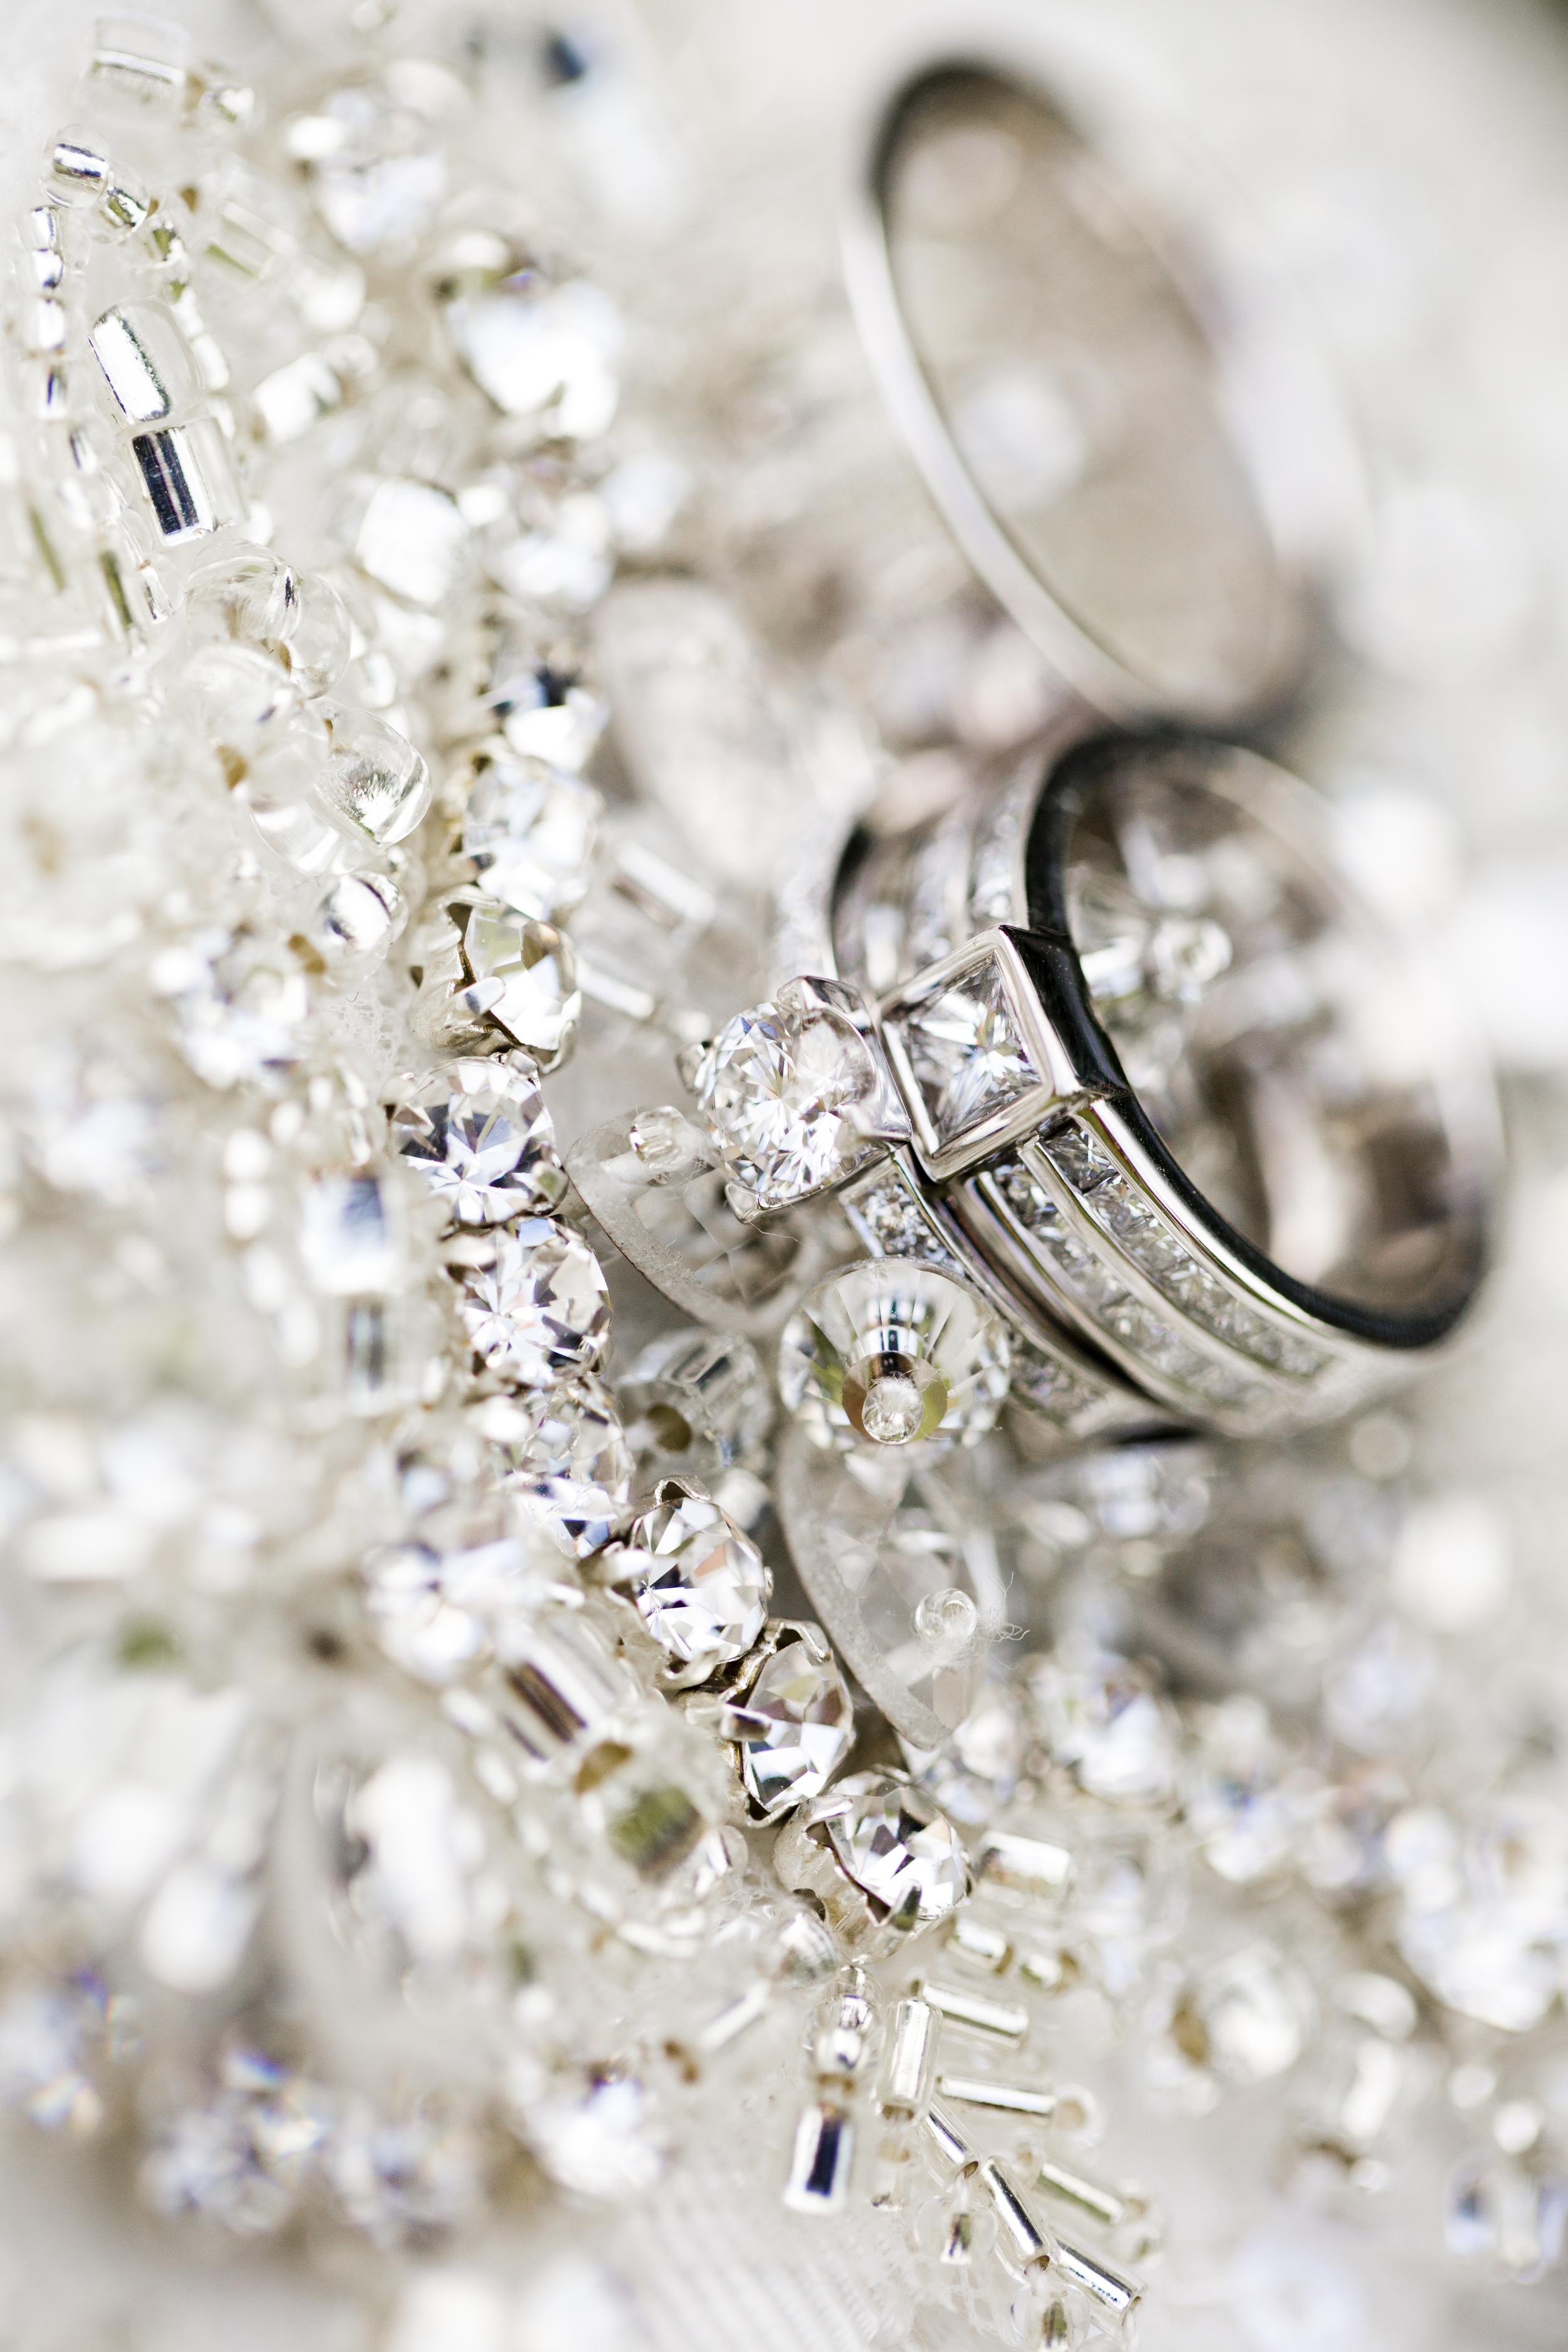 vigselringar med diamanter